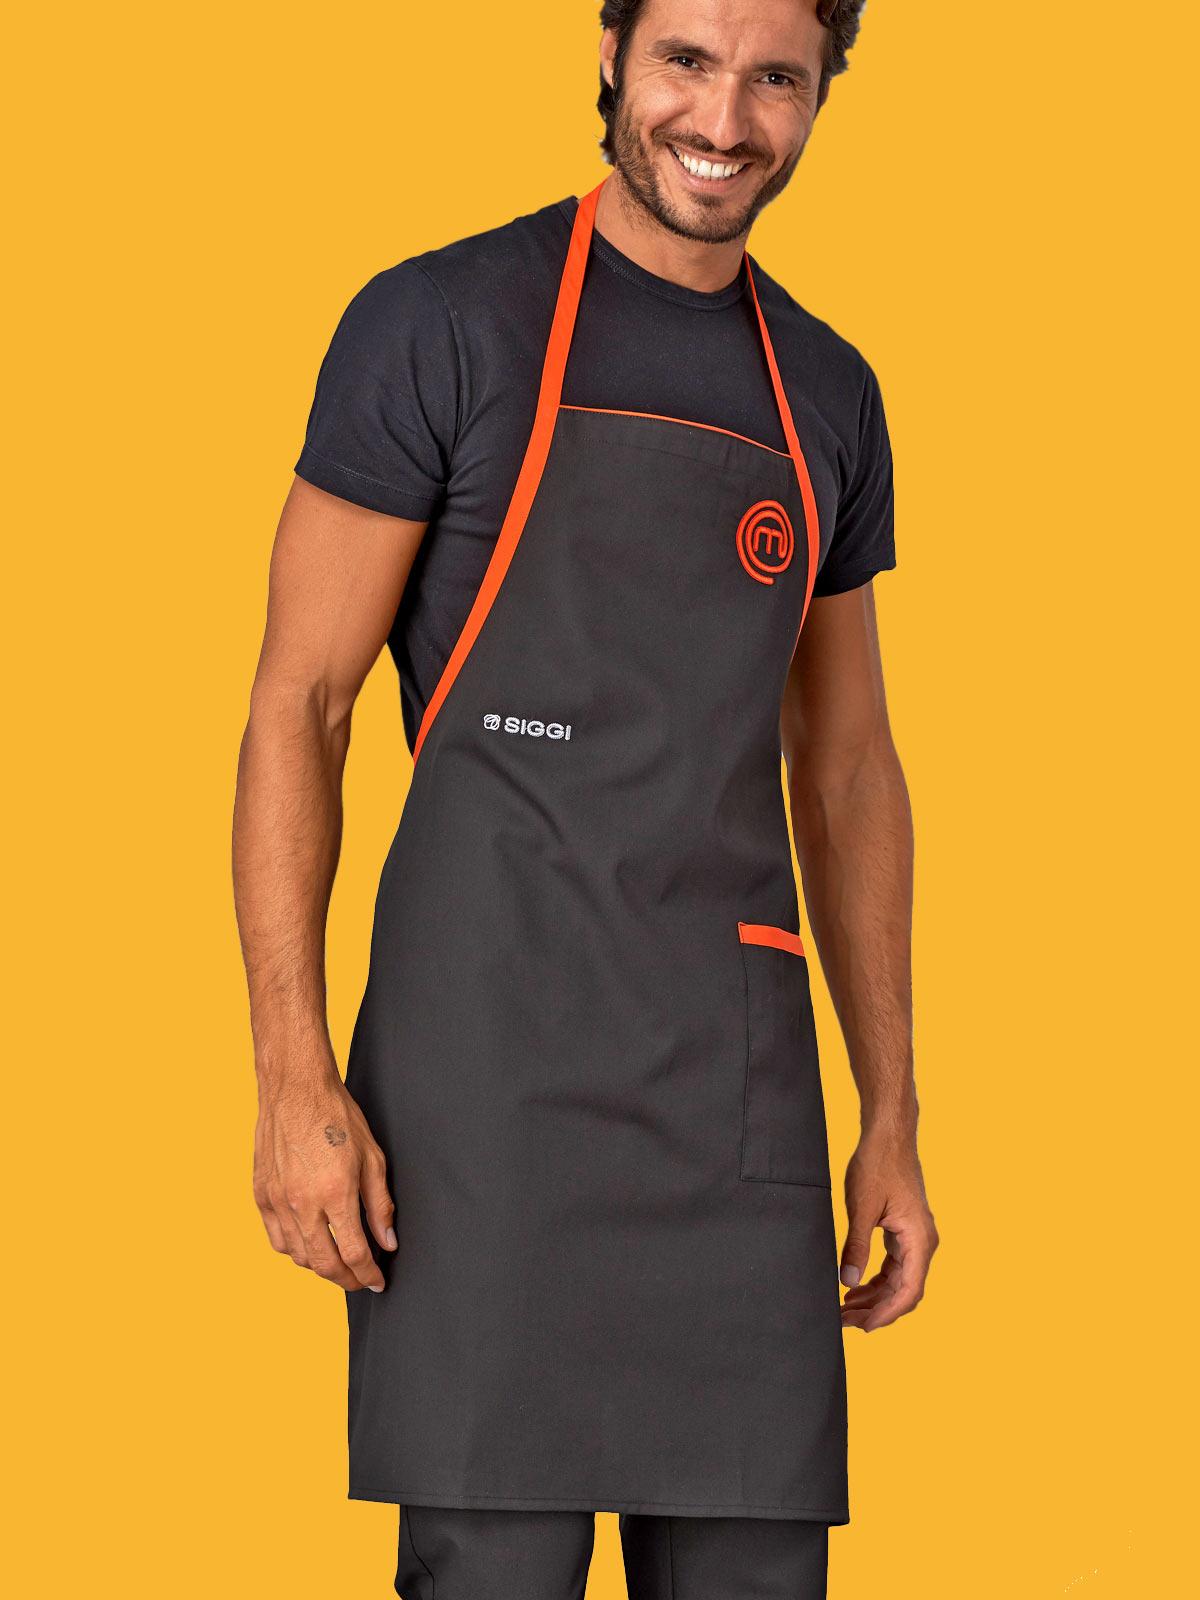 Grembiule cuoco masterchef siggi personalizzabili da - Libretto sanitario per lavoro cucina ...